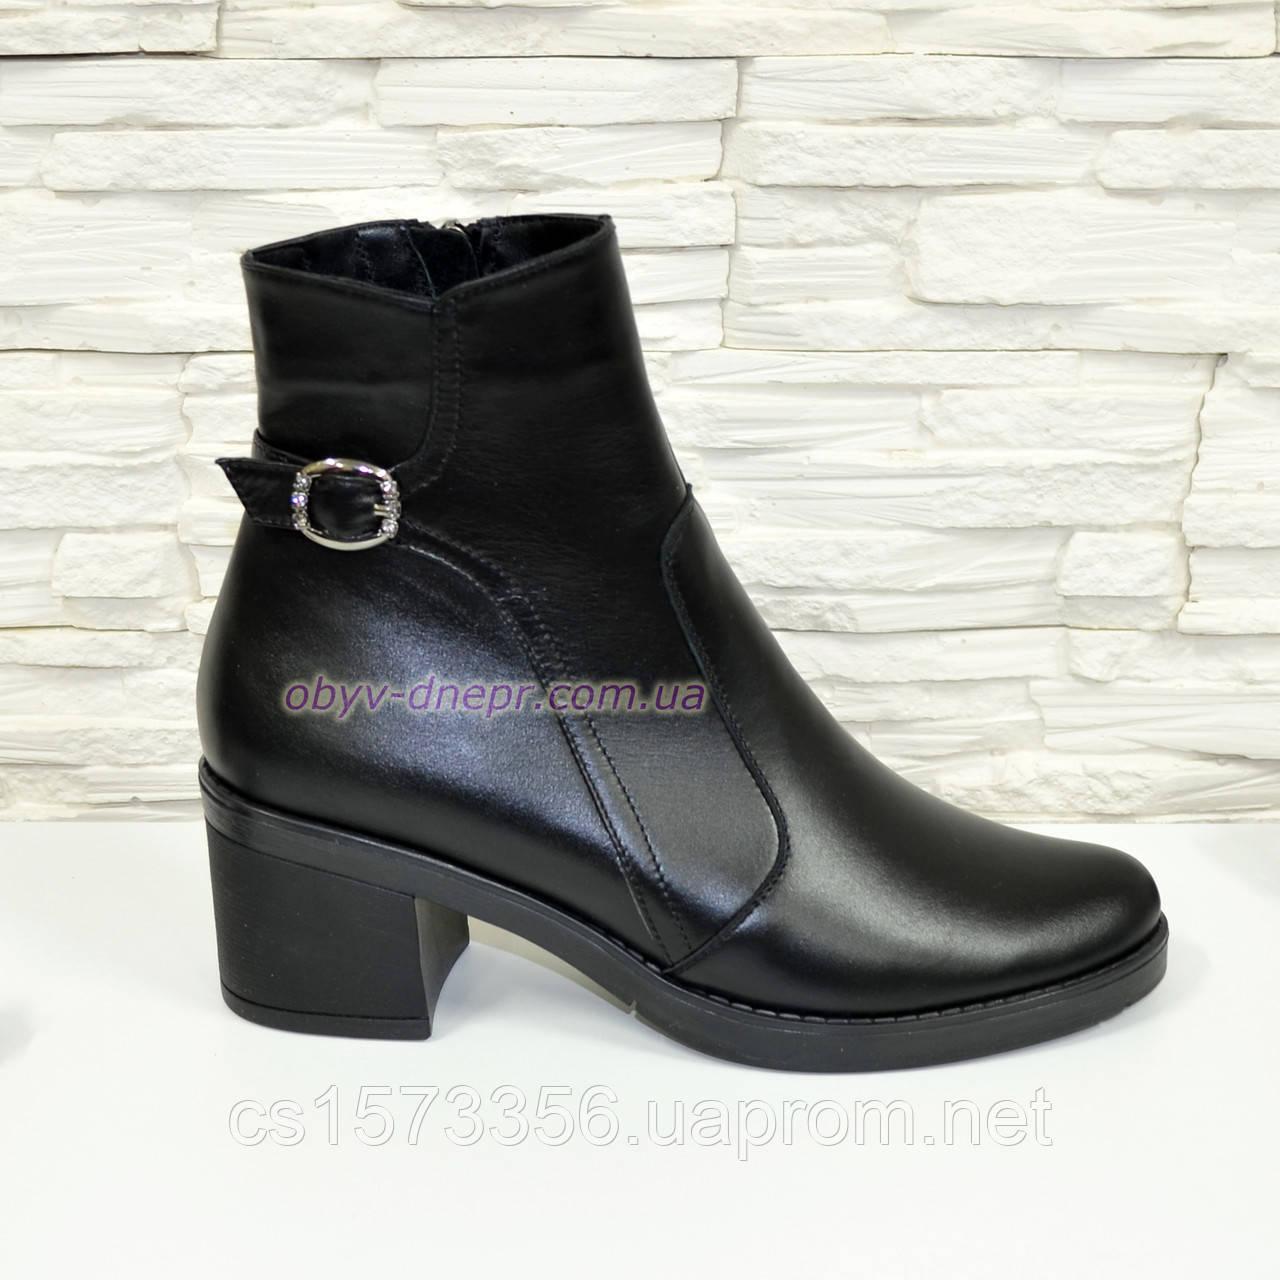 Ботинки черные женские кожаные демисезонные на устойчивом каблуке